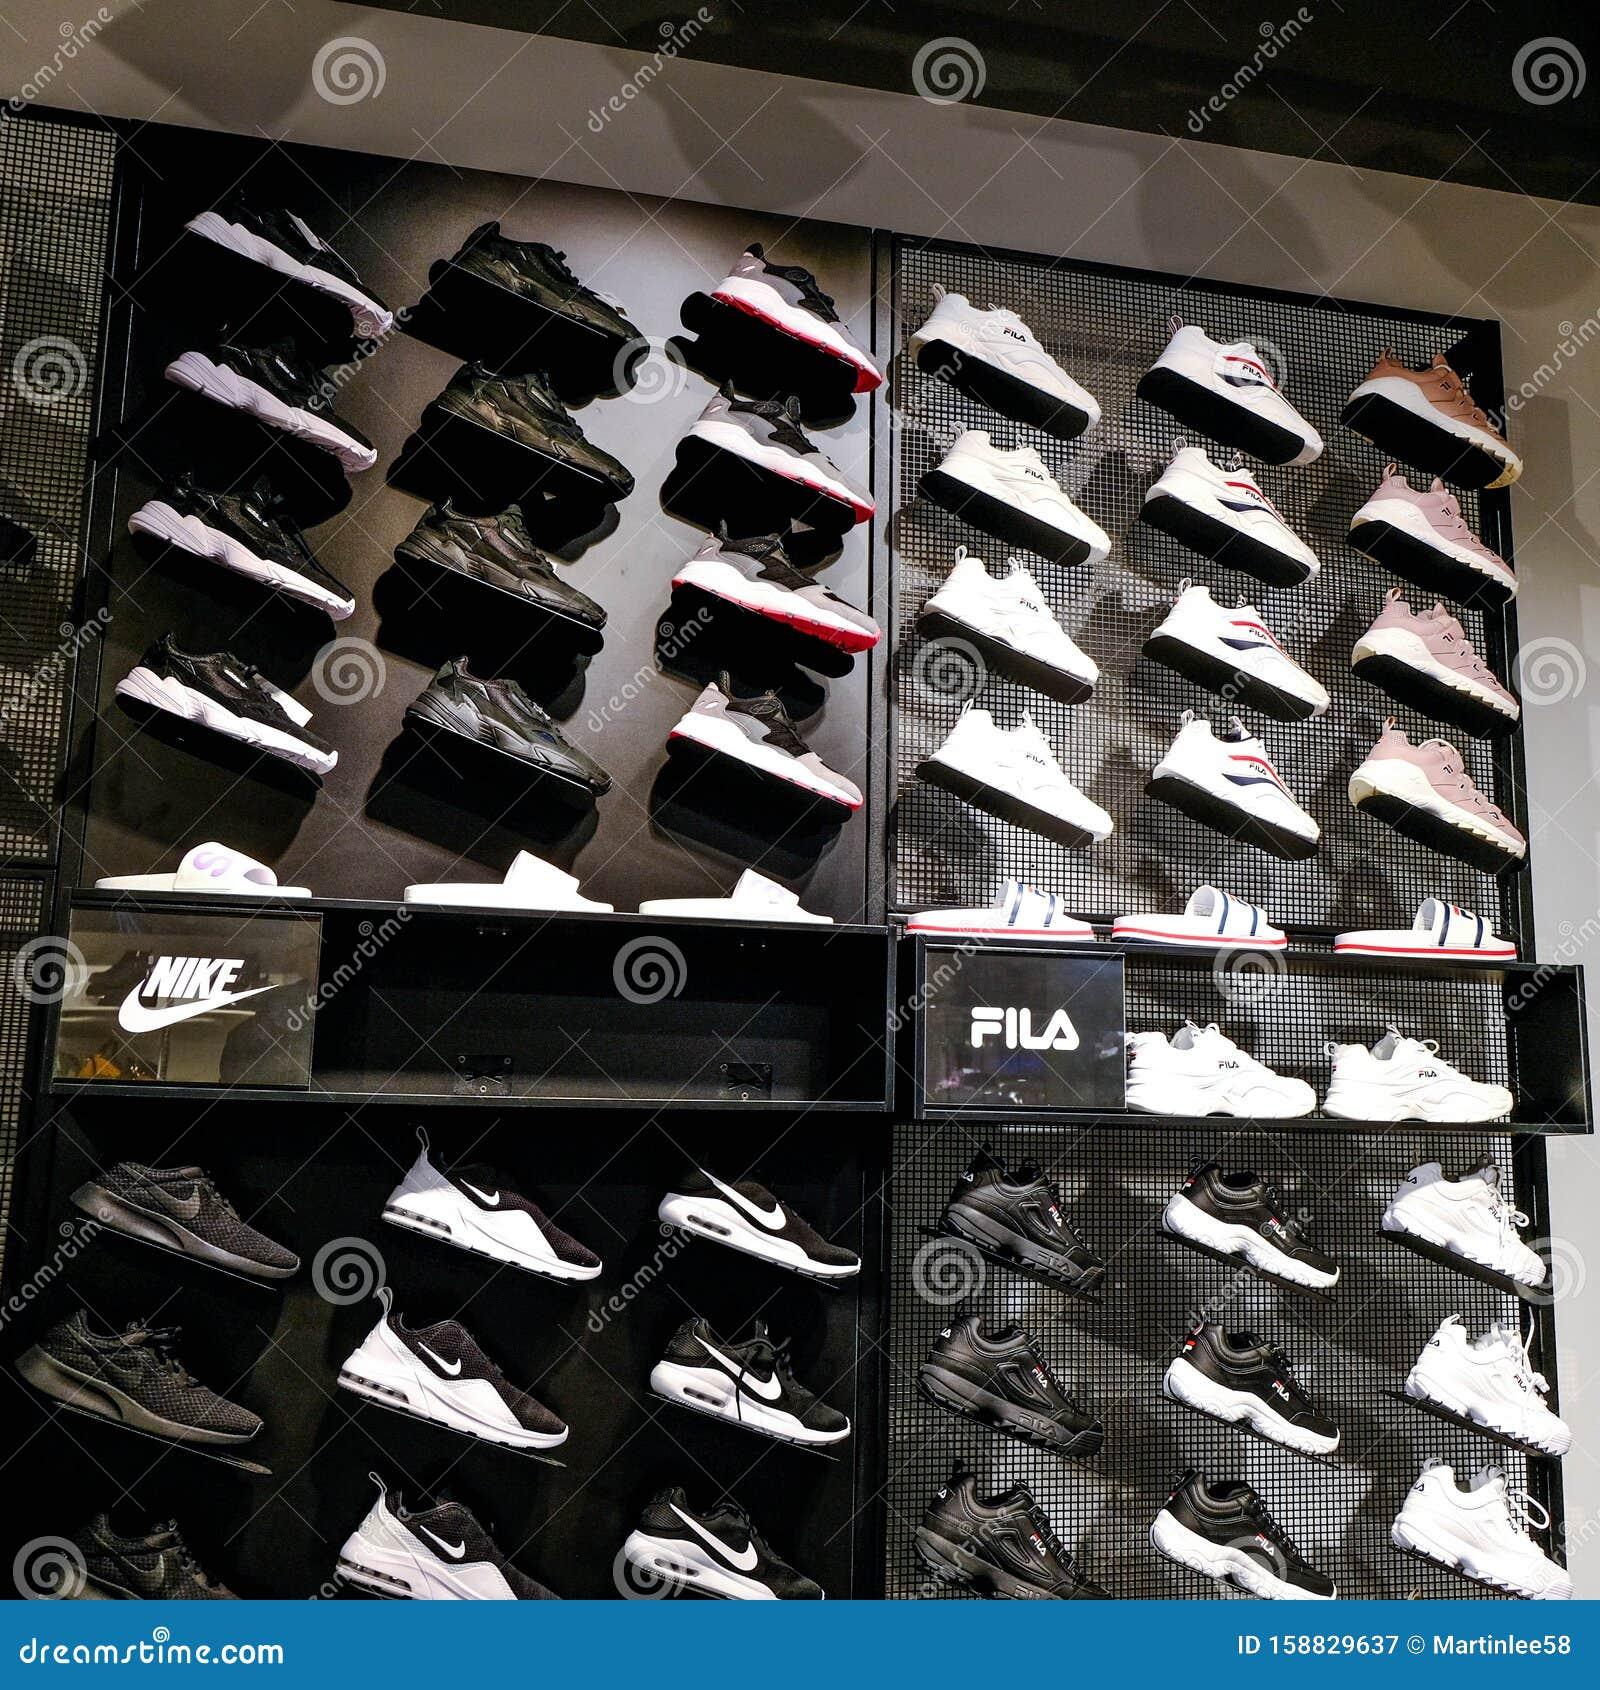 Popular Nike and Fila Fashion Footwear